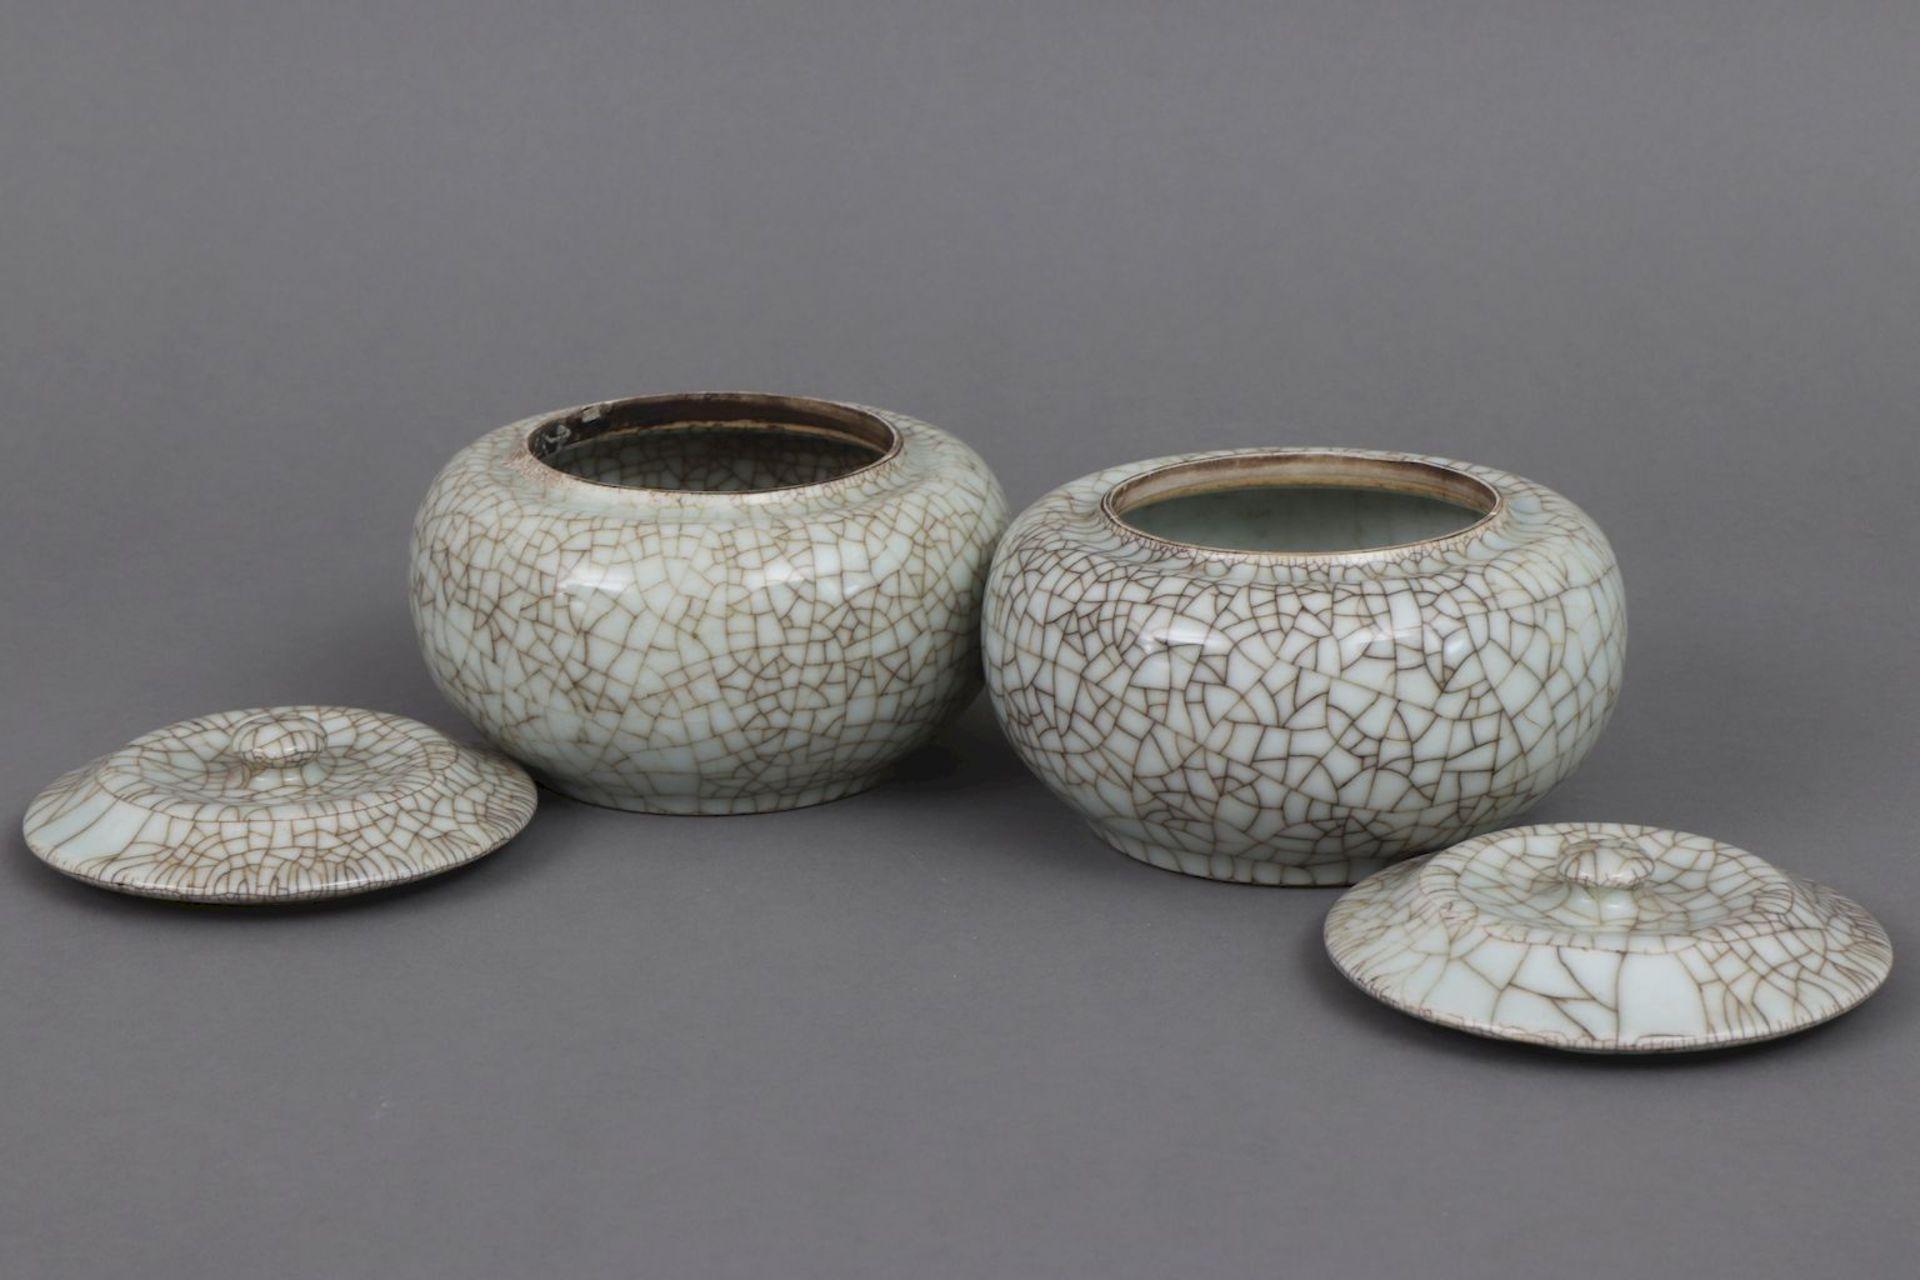 Paar chinesische Deckeldosen mit Seladon-Craqueleeglasur - Bild 3 aus 4